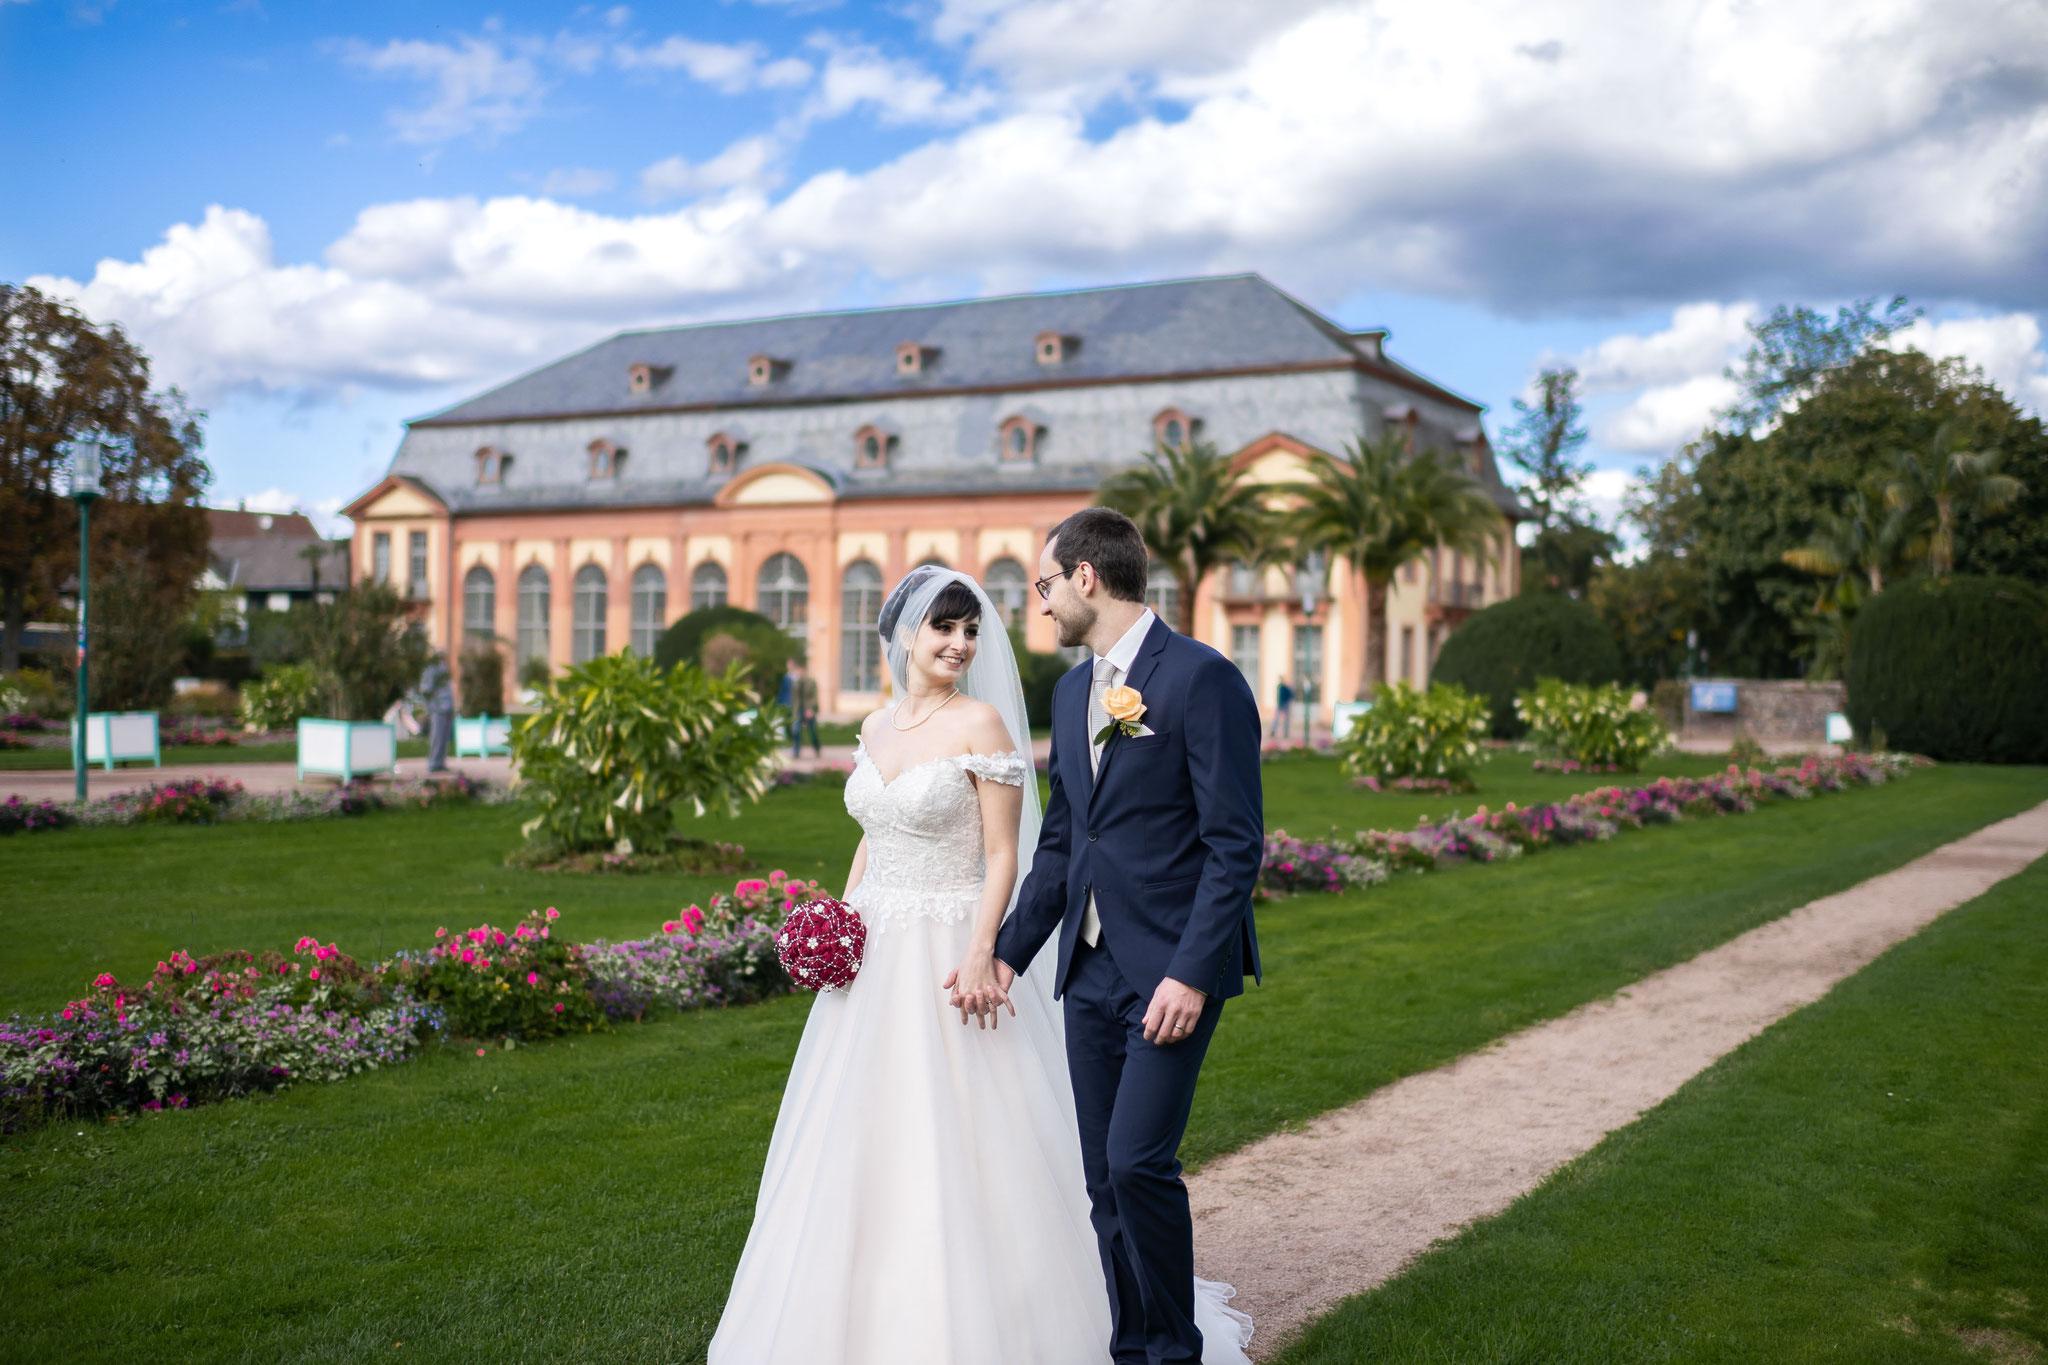 Professioneller Fotograf und Filmemacher für Fotos und Videos in der Orangerie in Darmstadt